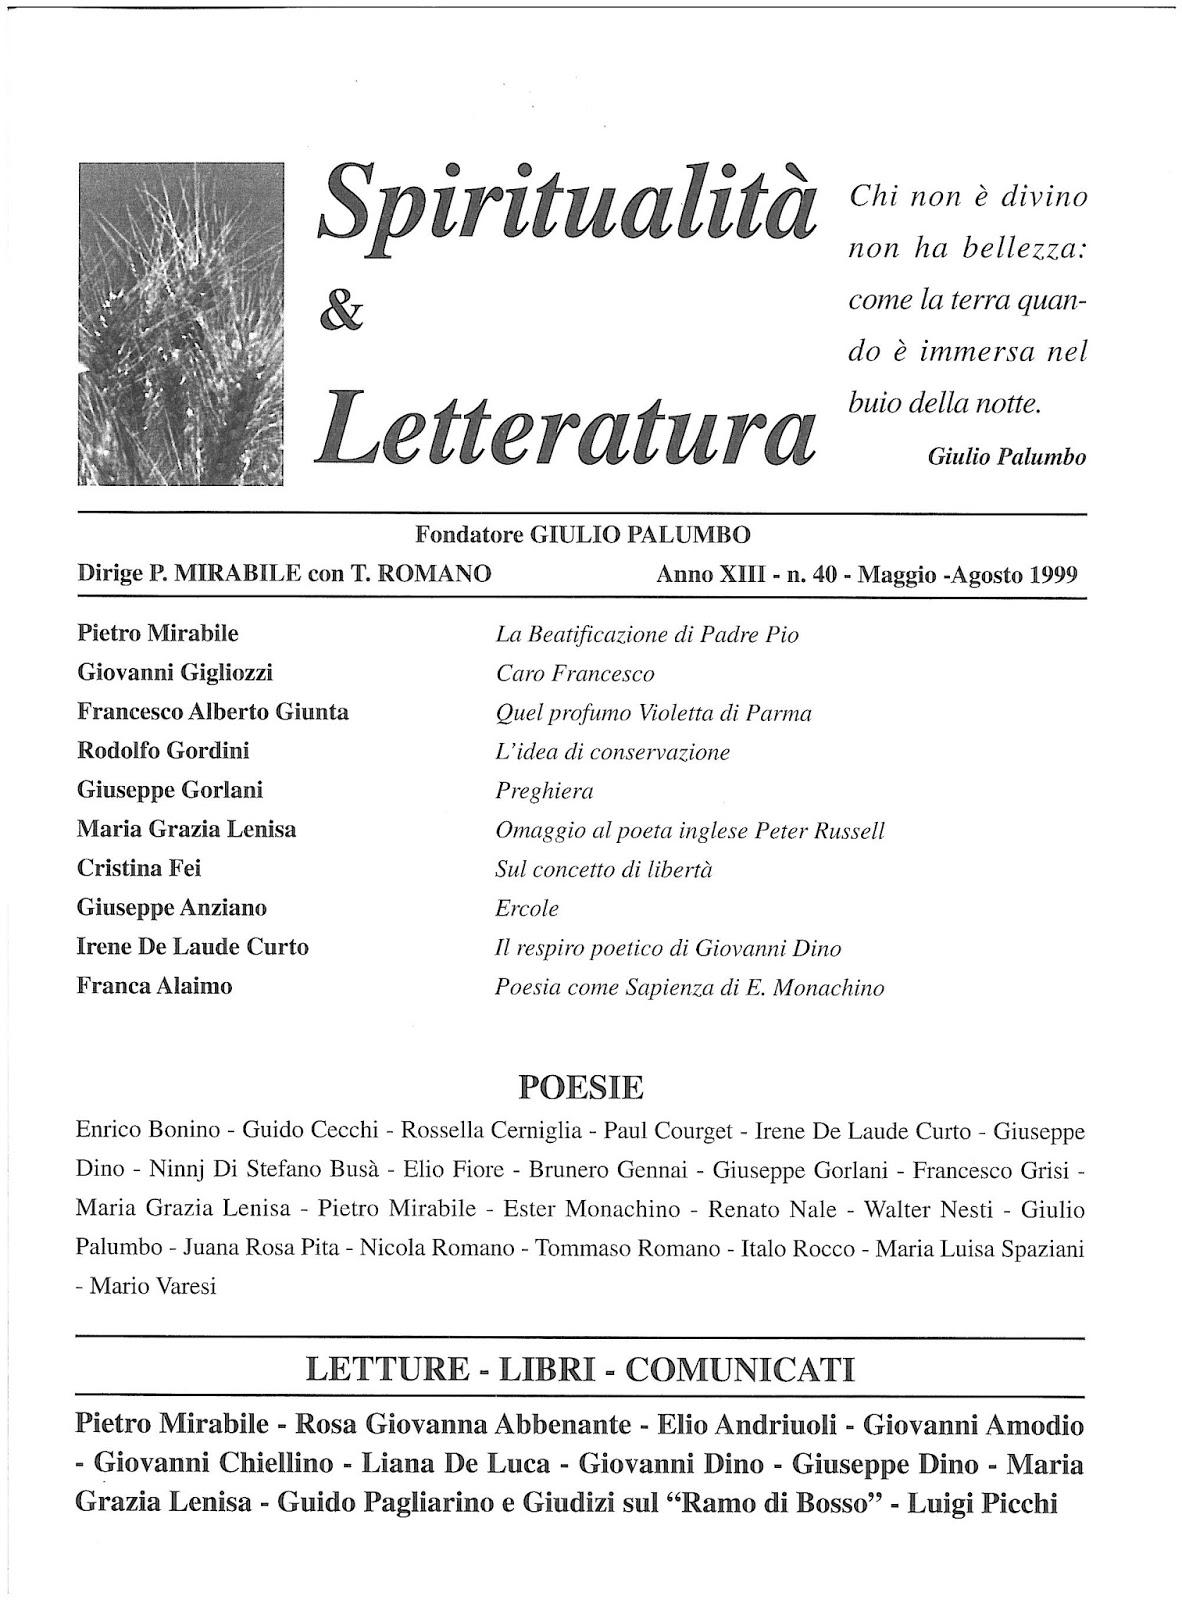 Recuperi/40 - AA.VV., Spiritualità & Letteratura, n. 40